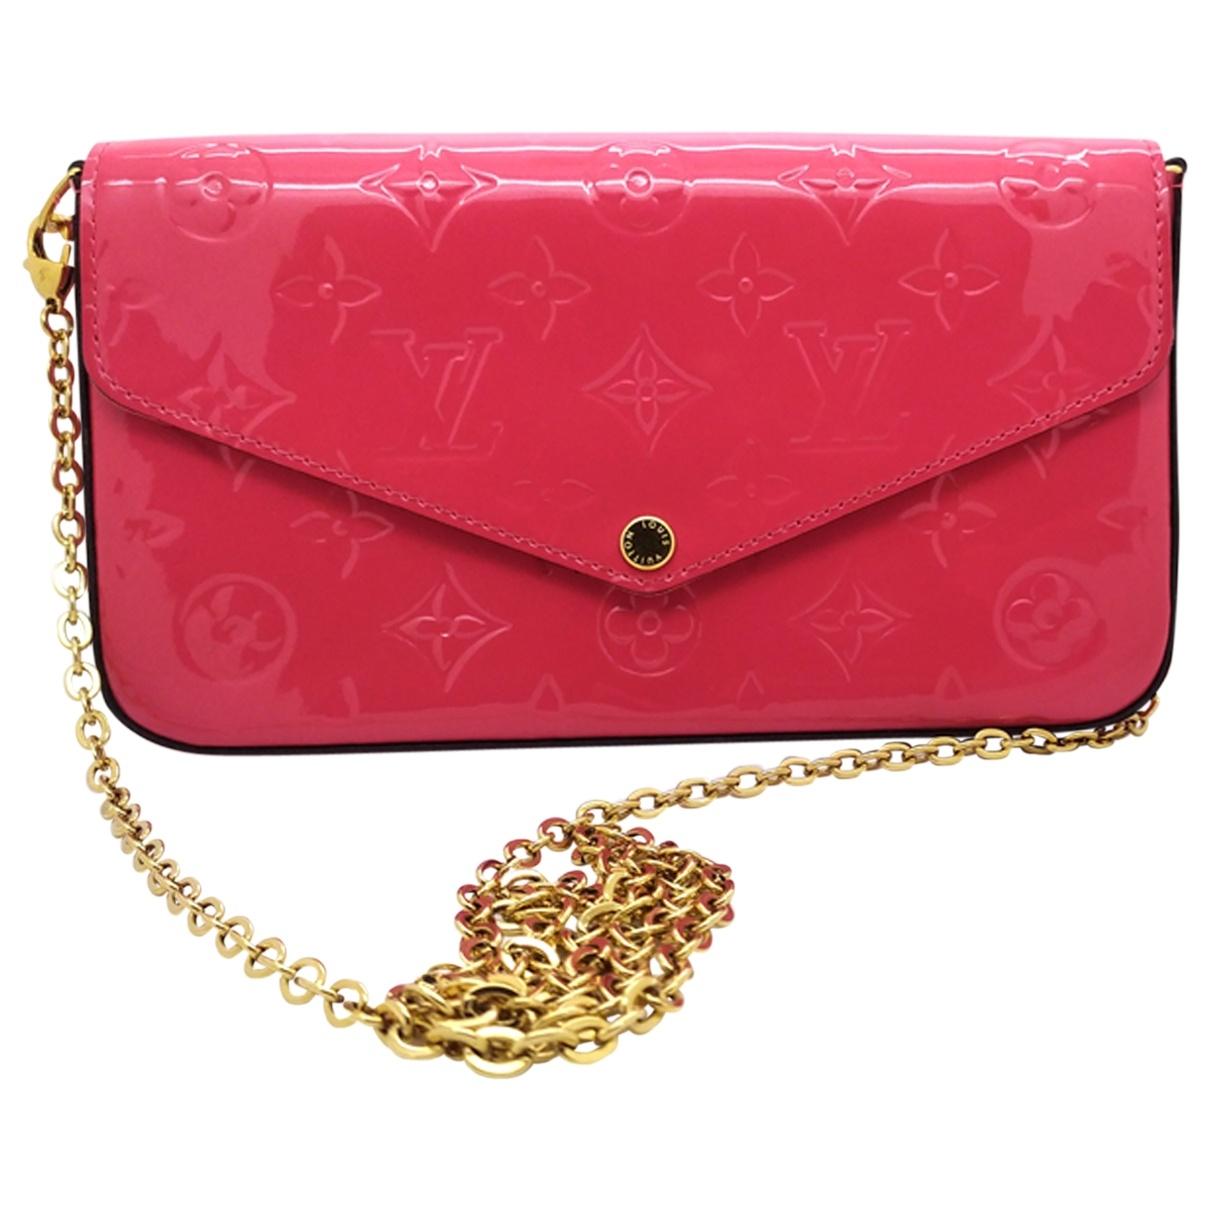 Louis Vuitton - Pochette Felicie pour femme en cuir verni - rose